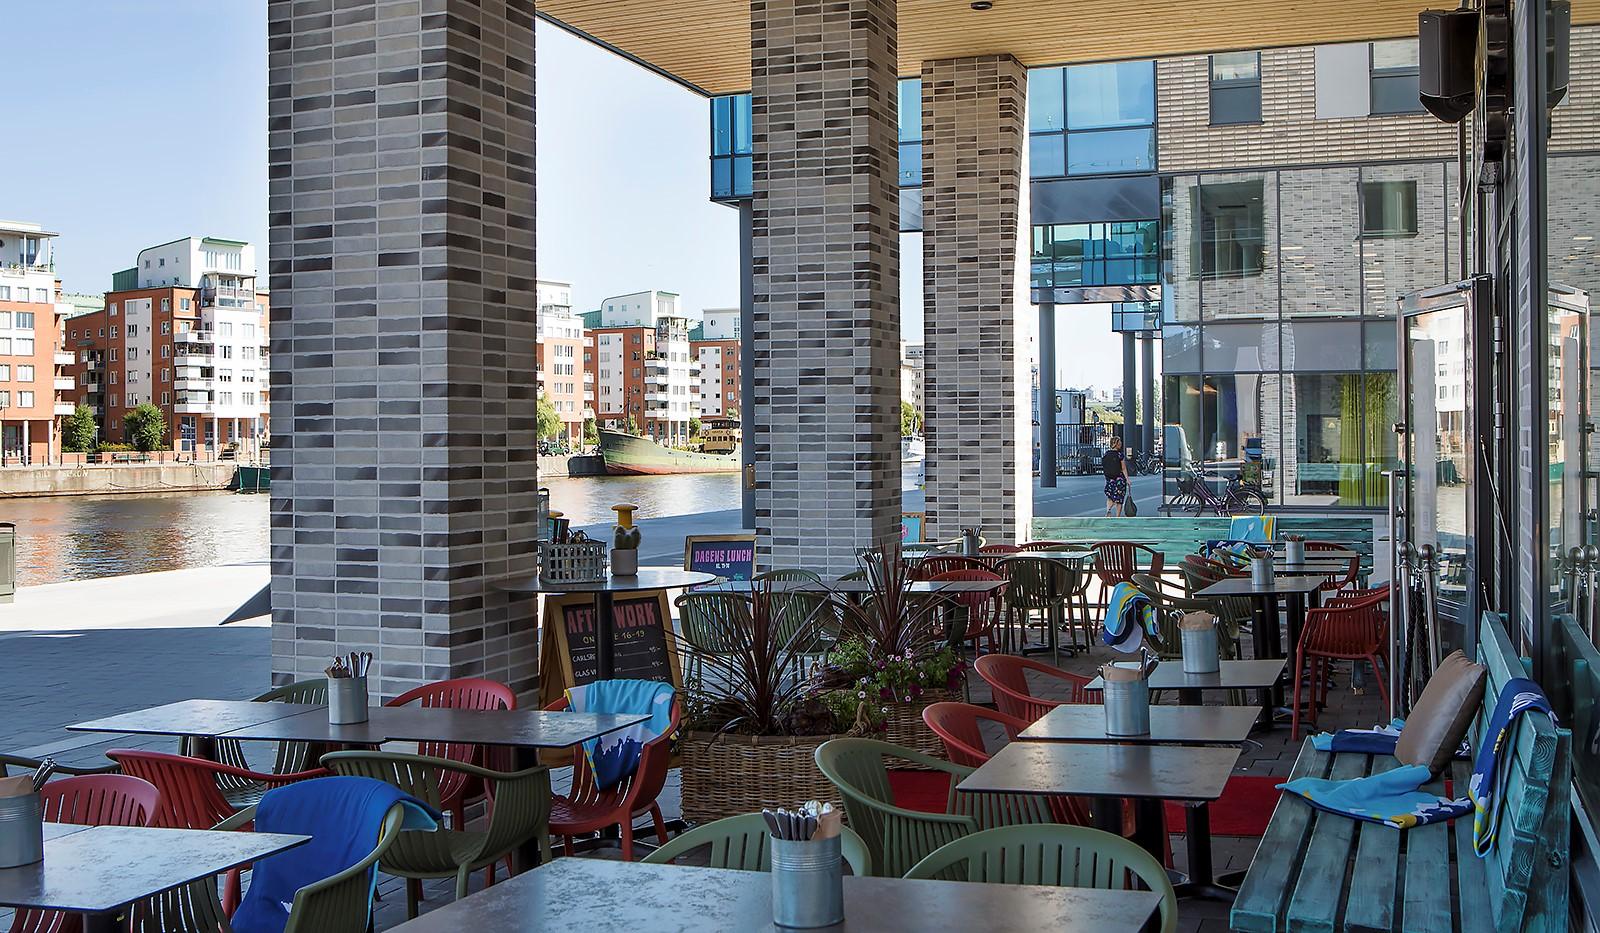 Fredriksdalsgatan 24, vån 6 - Taco Bar med uteservering beläget längs med kajen